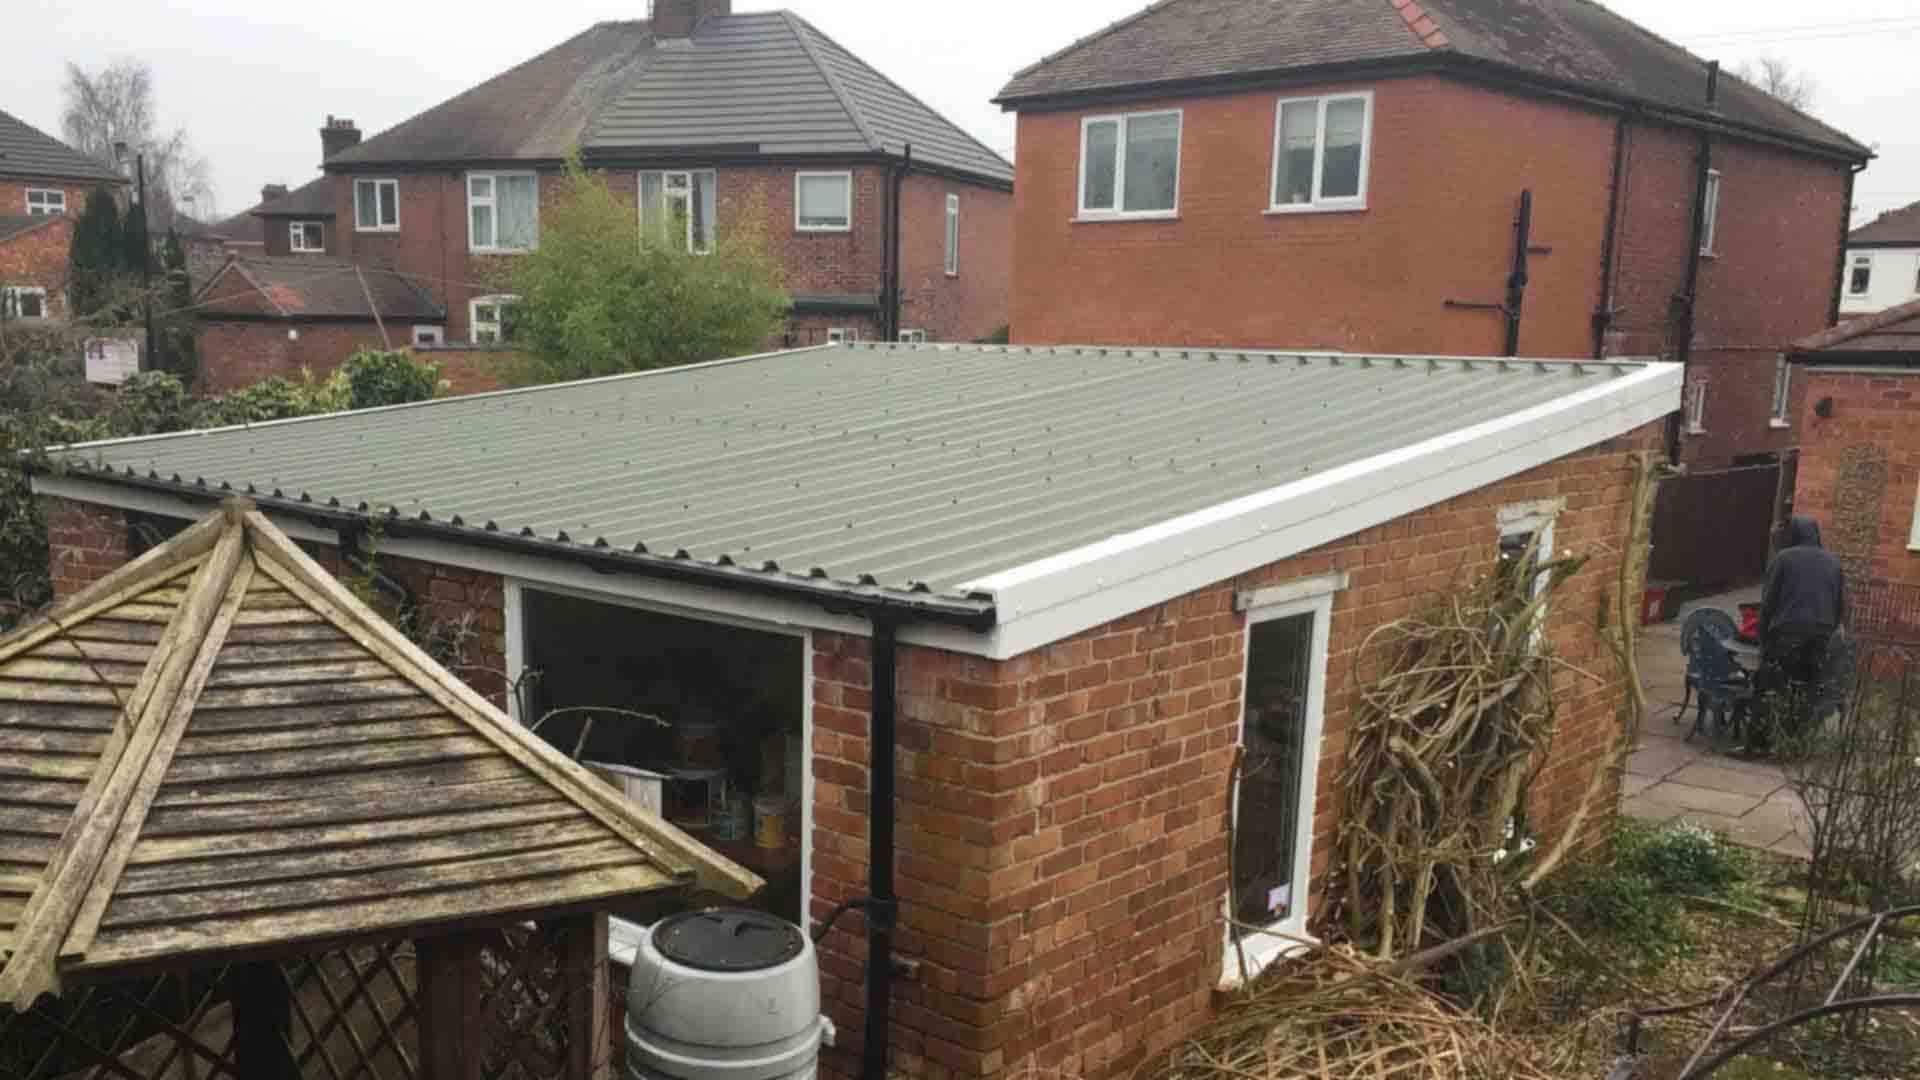 Asbestos-Garage-Roof-Replacement | Danmarque Garages